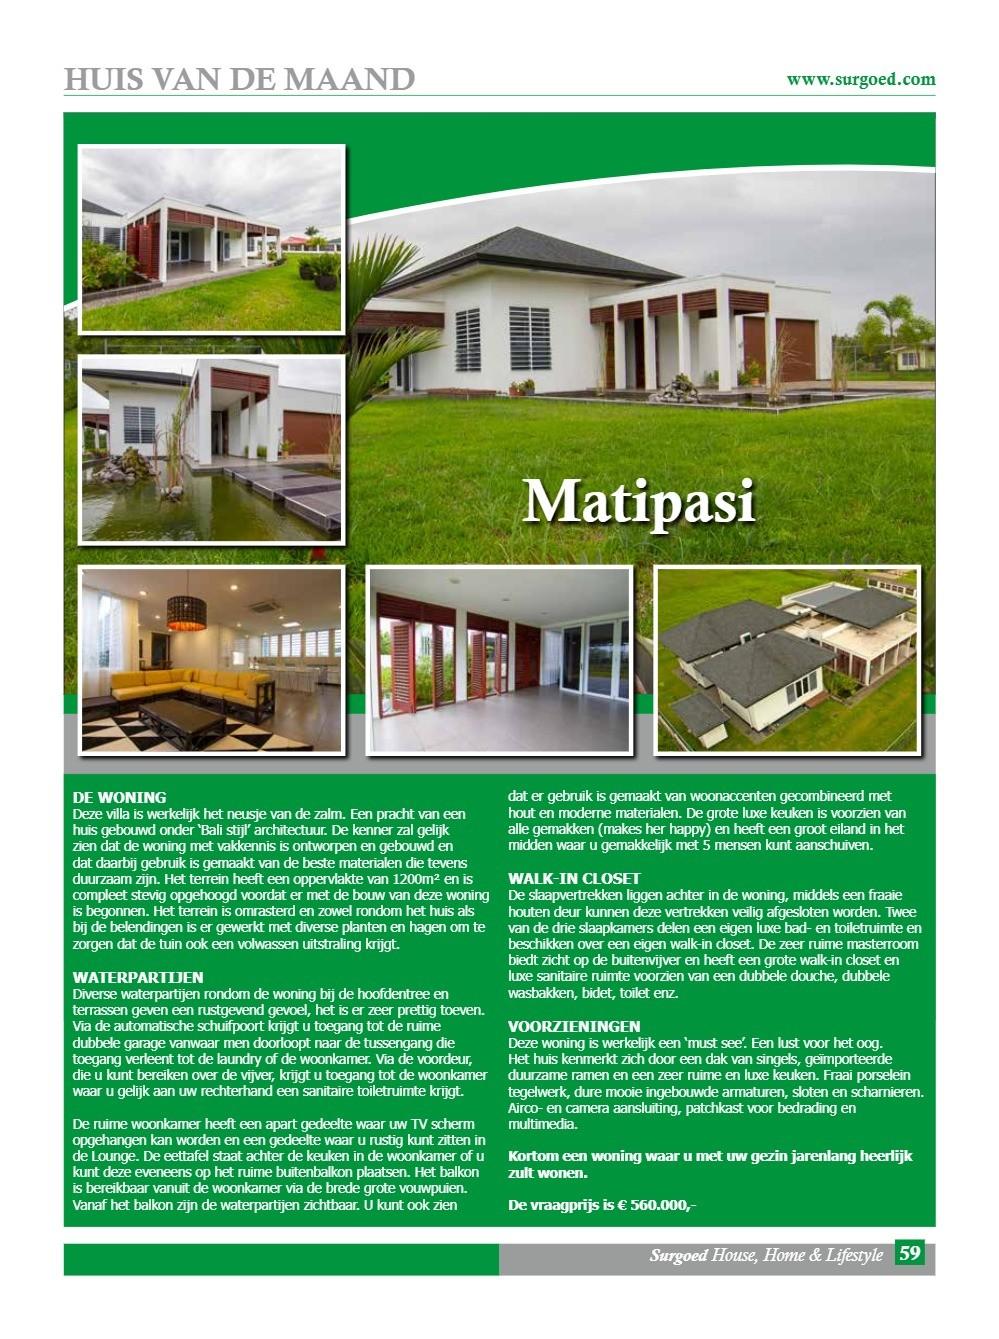 Huis van de maand: Matipasi - 'Bali stijl' architectuur